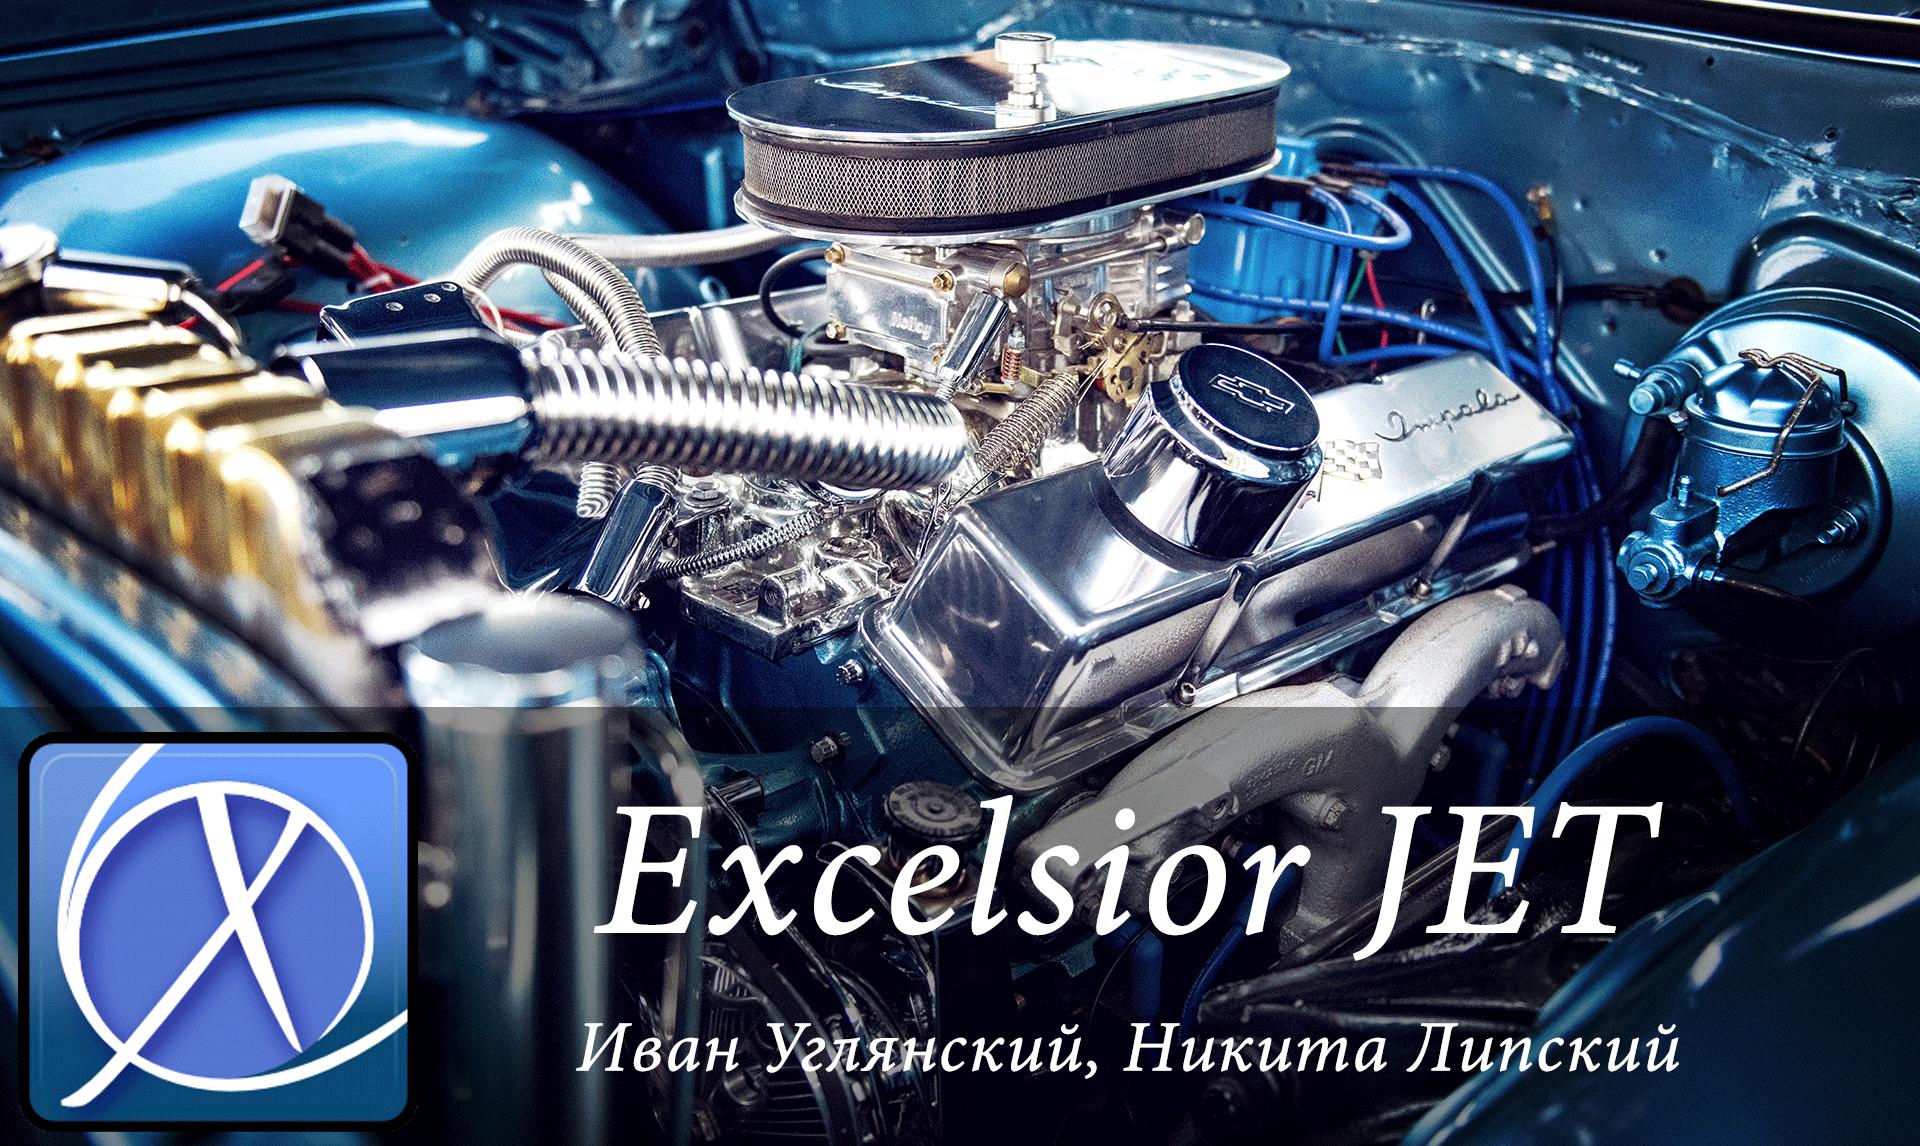 Суровая сибирская JVM: большое интервью об Excelsior JET